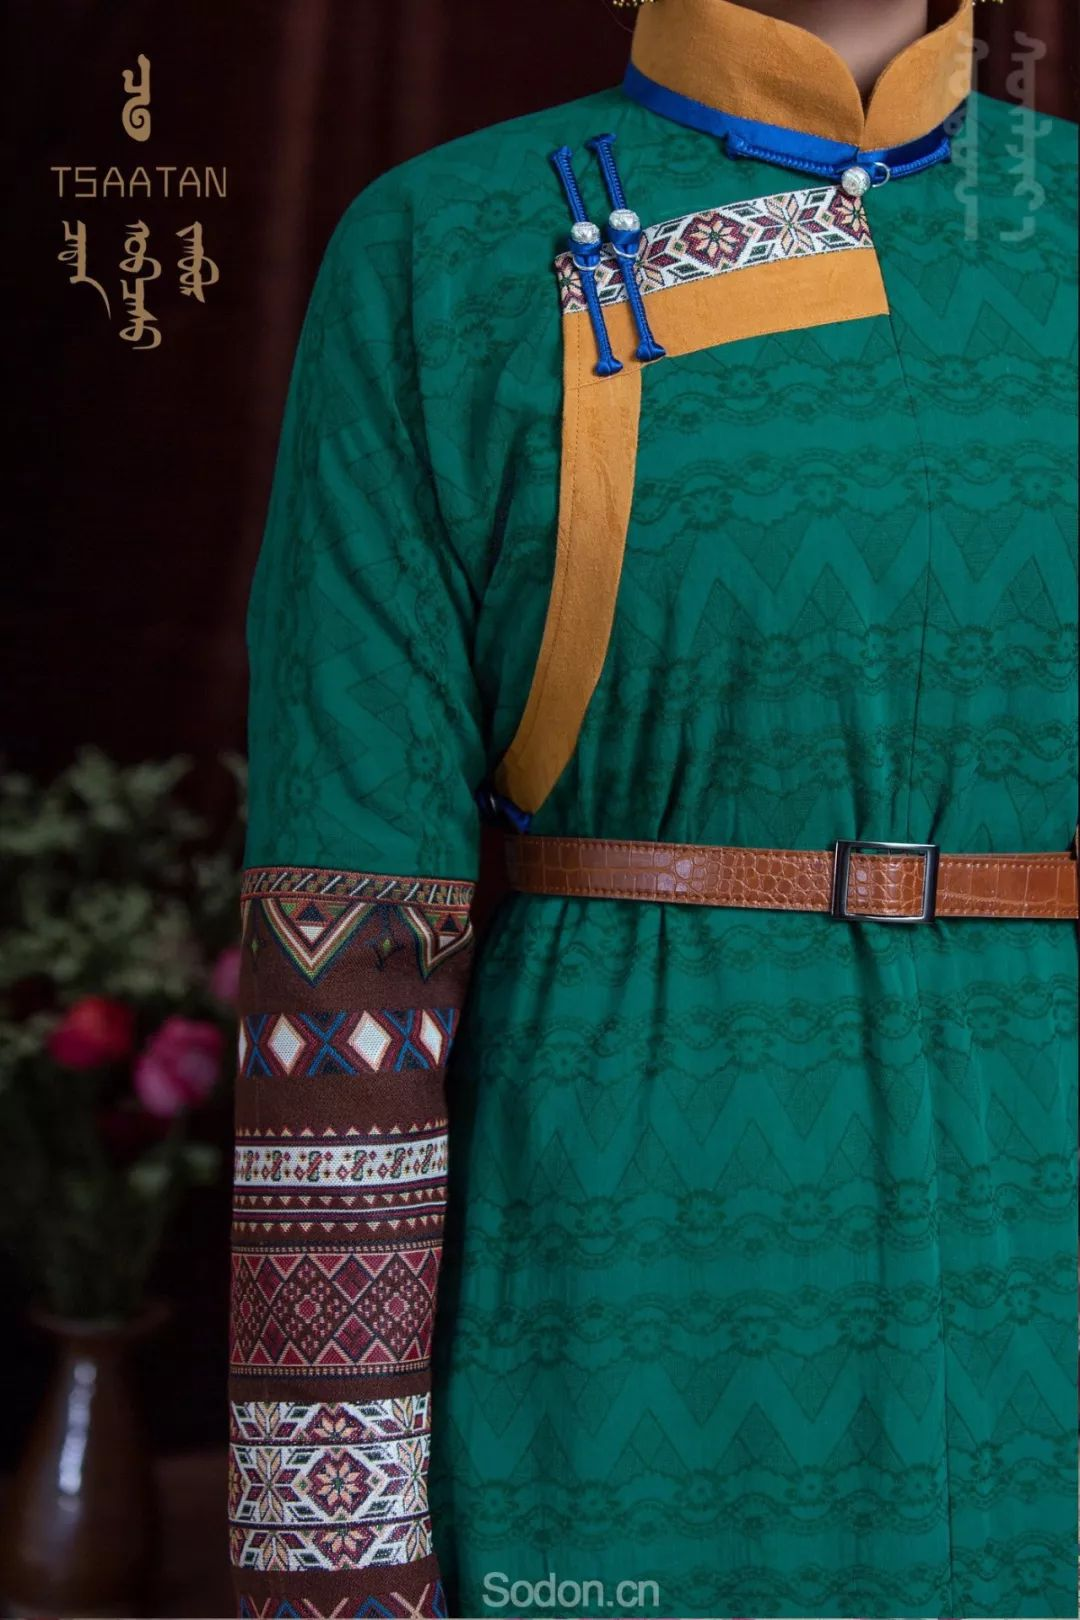 TSAATAN蒙古时装 2019新款,来自驯鹿人的独特魅力! 第50张 TSAATAN蒙古时装 2019新款,来自驯鹿人的独特魅力! 蒙古服饰